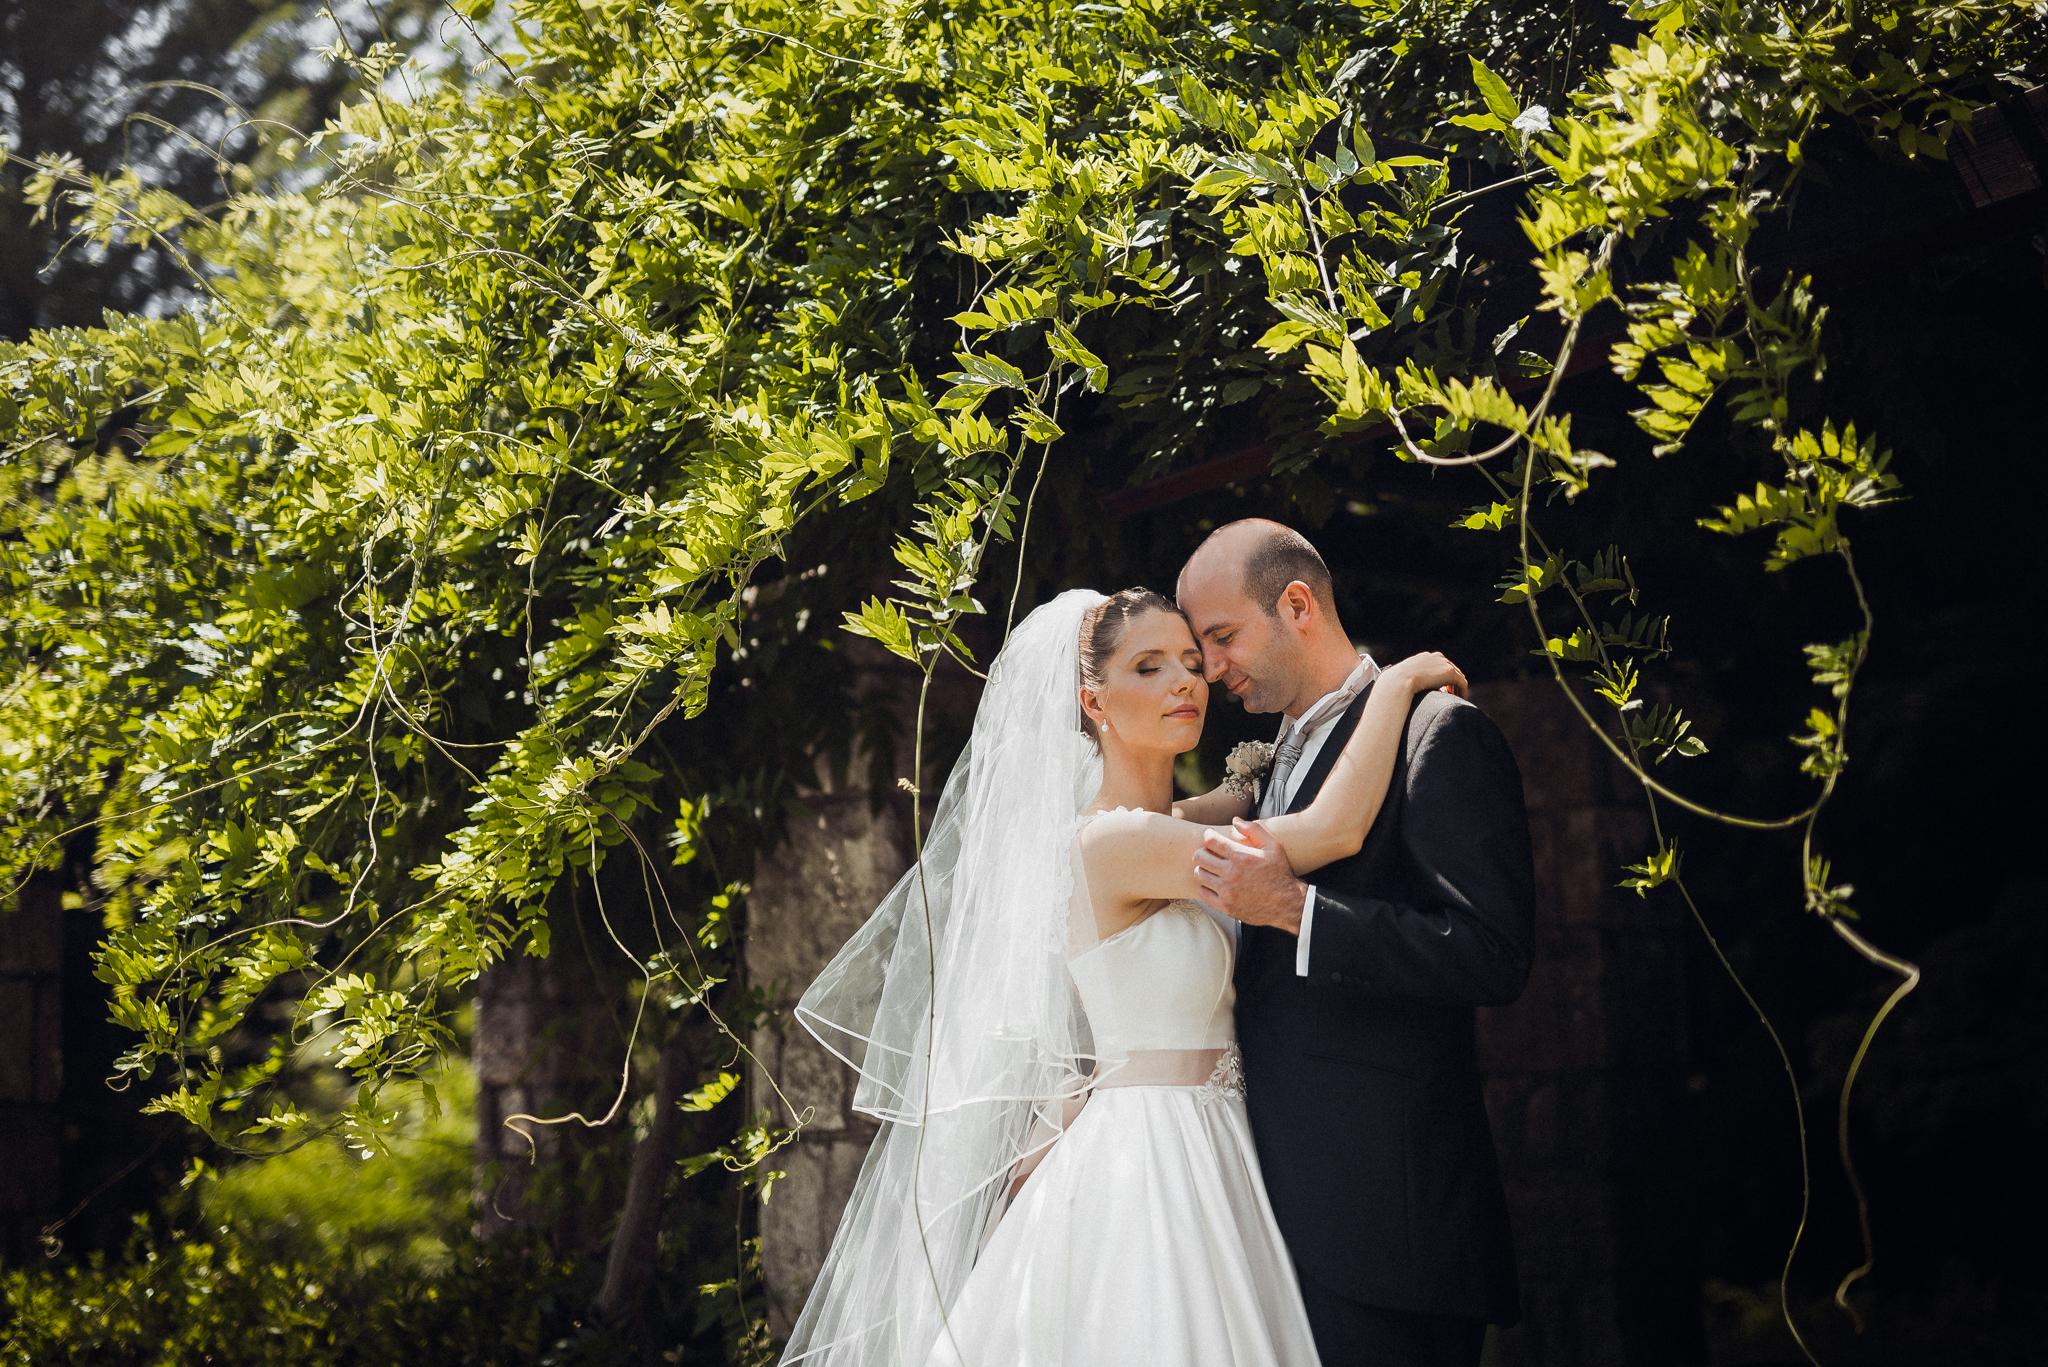 svadba, bratislava, botanická záhrada, závoj, nevesta, Taliansko